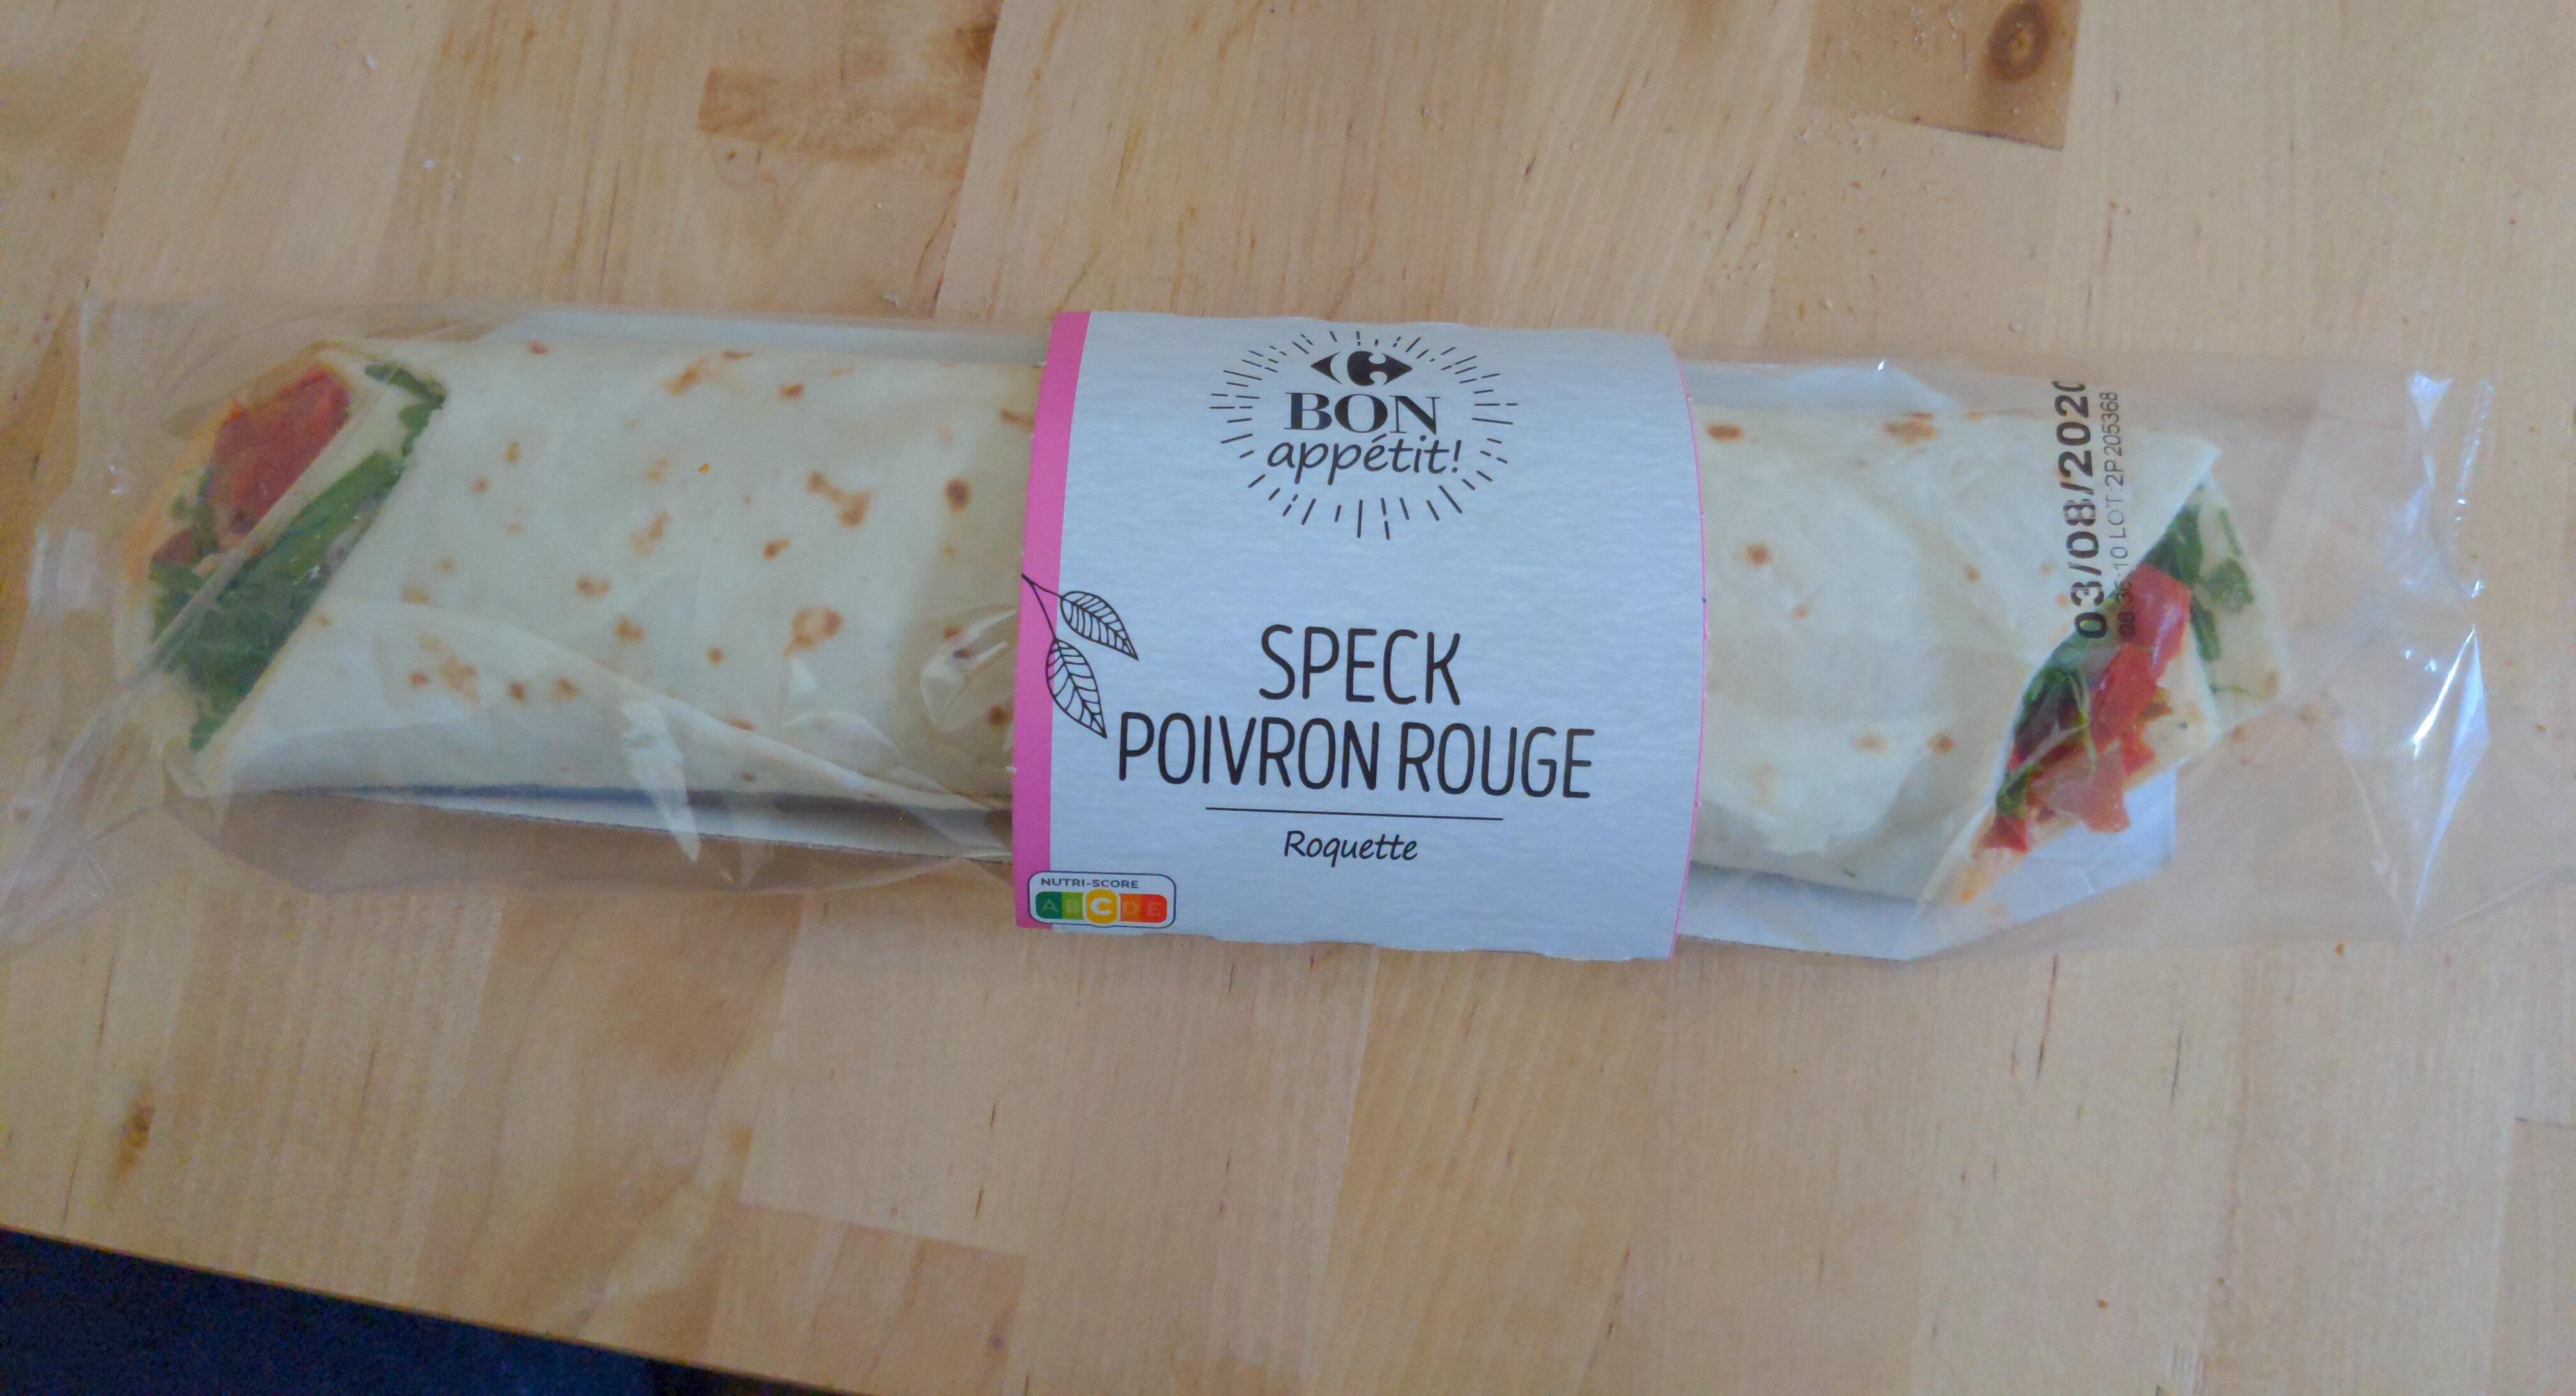 Speck poivron rouge et roquette wrap - Product - fr